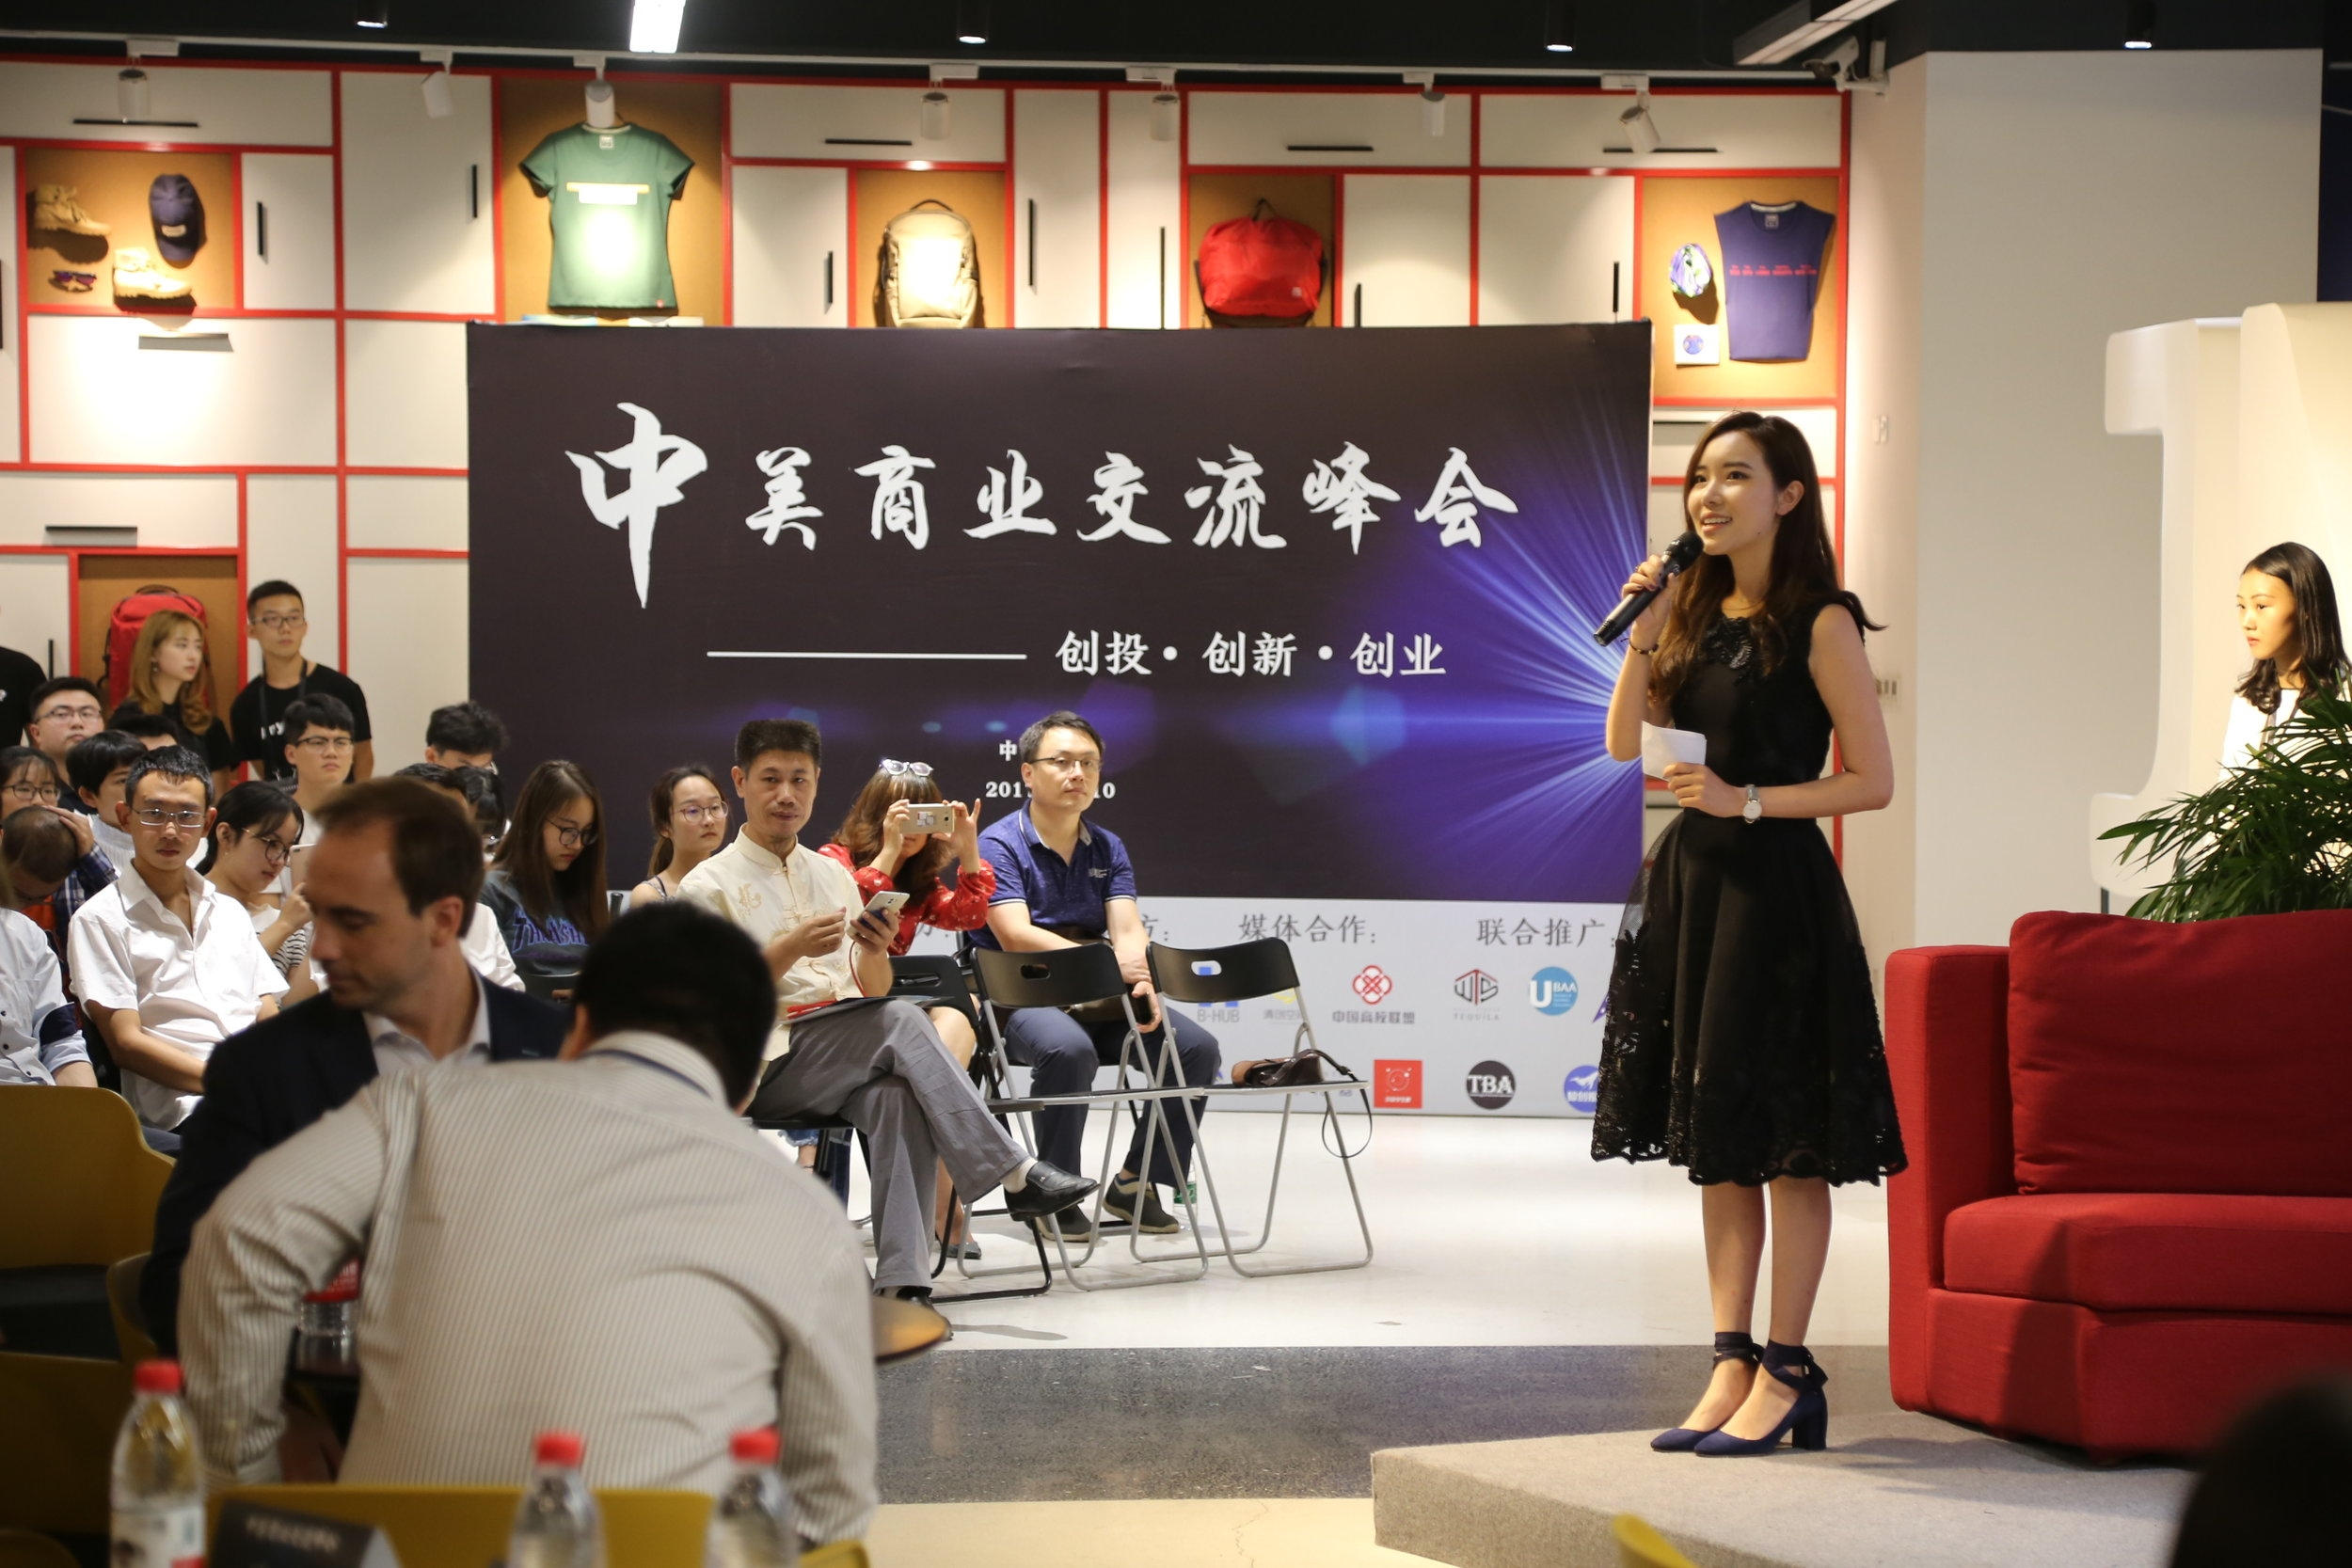 中美商业交流峰会 - 2017年9月10日,Pioneer Union在北京举行中美创新与创投风险投资企业传播高峰论坛。在峰会上,来自初创企业和风险投资公司的领导人讨论了对中国和美国初创企业和未来商业创新趋势的当地政策支持,以及分享他们自己在海外的业务经验。